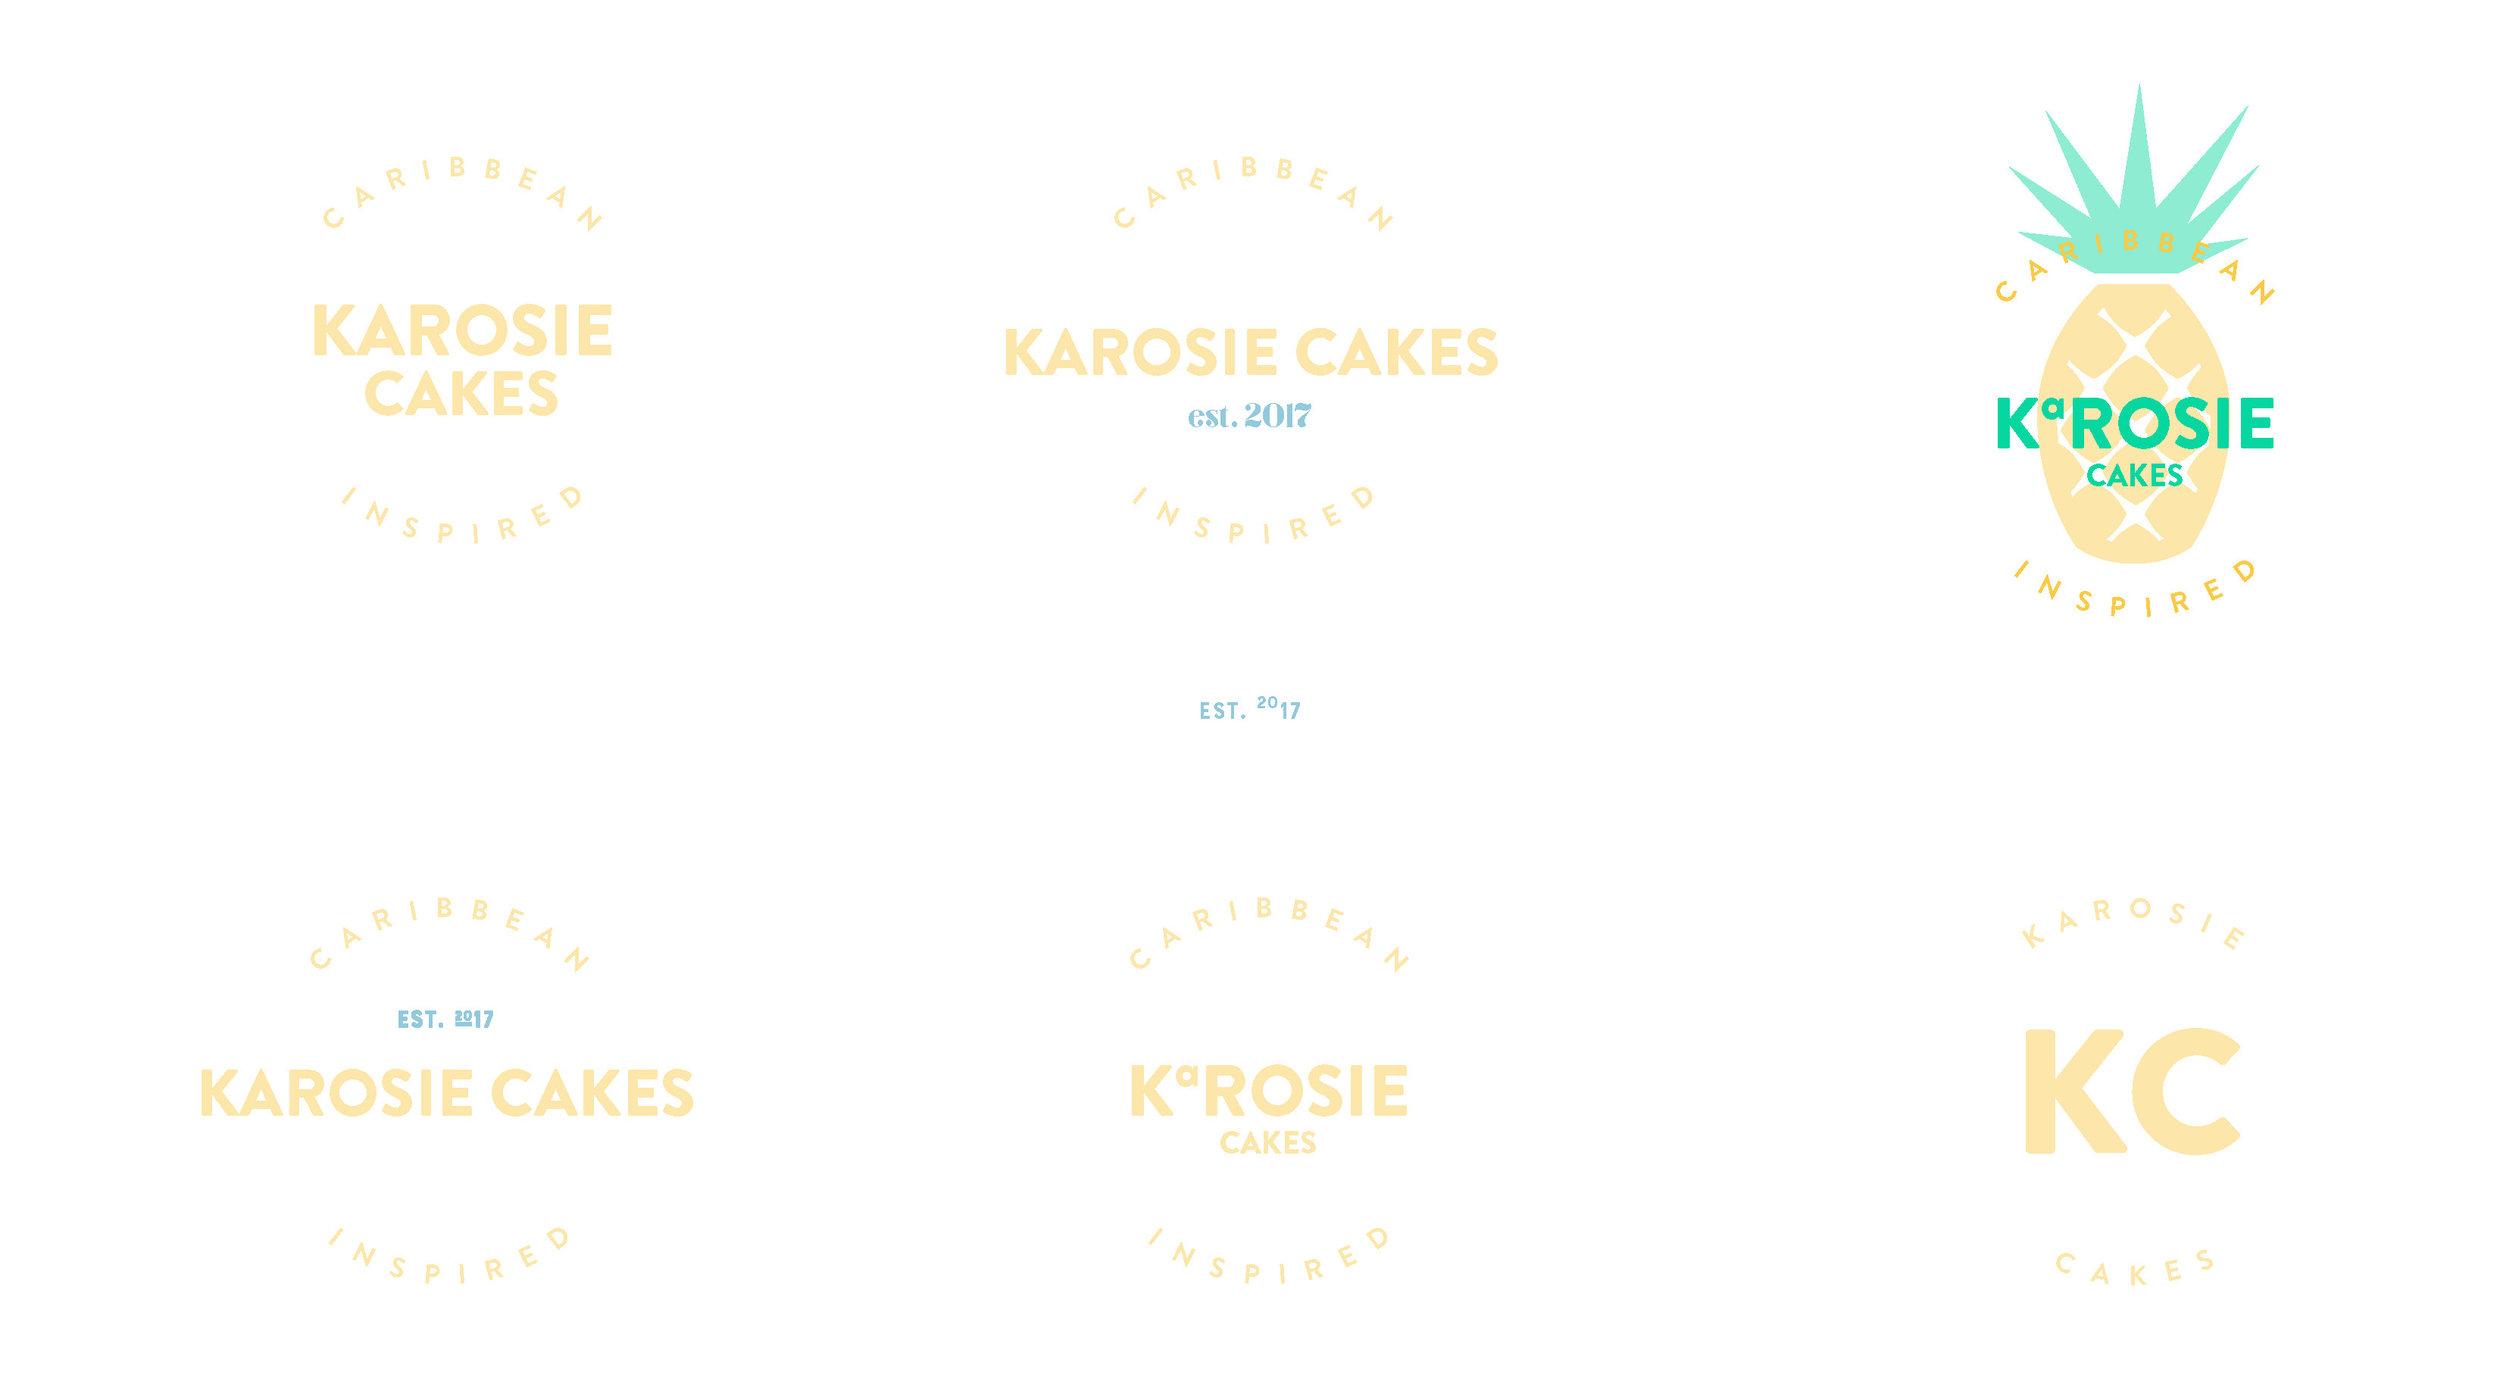 KaRosie_Page_04.jpg